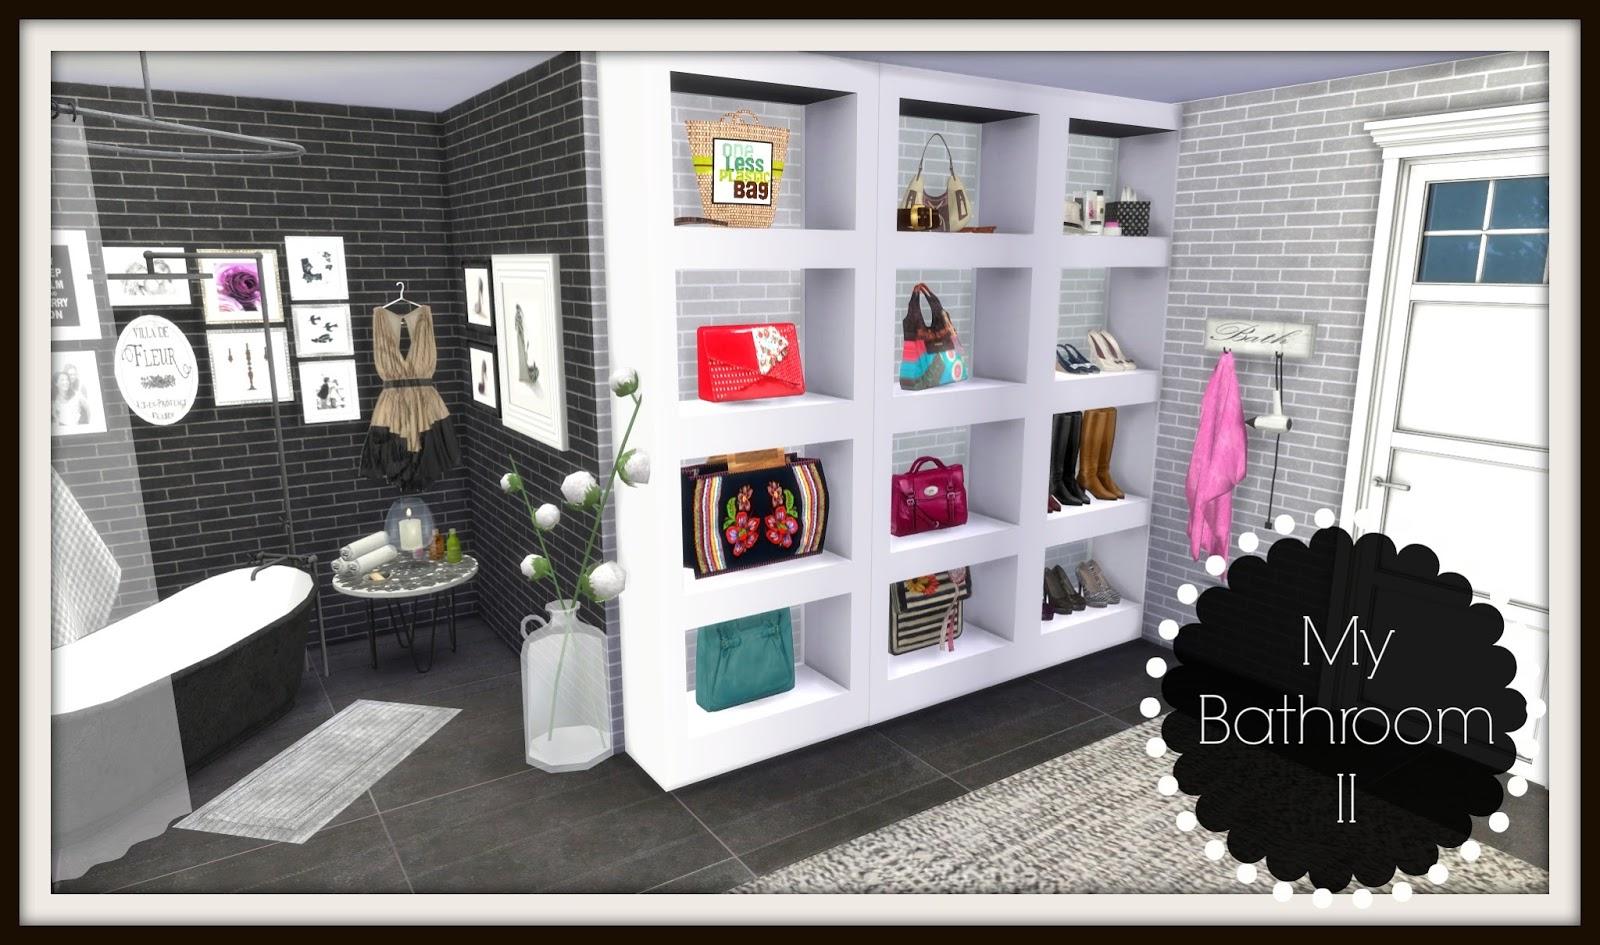 Sims 4 bathroom ii dinha for Bathroom ideas sims 4